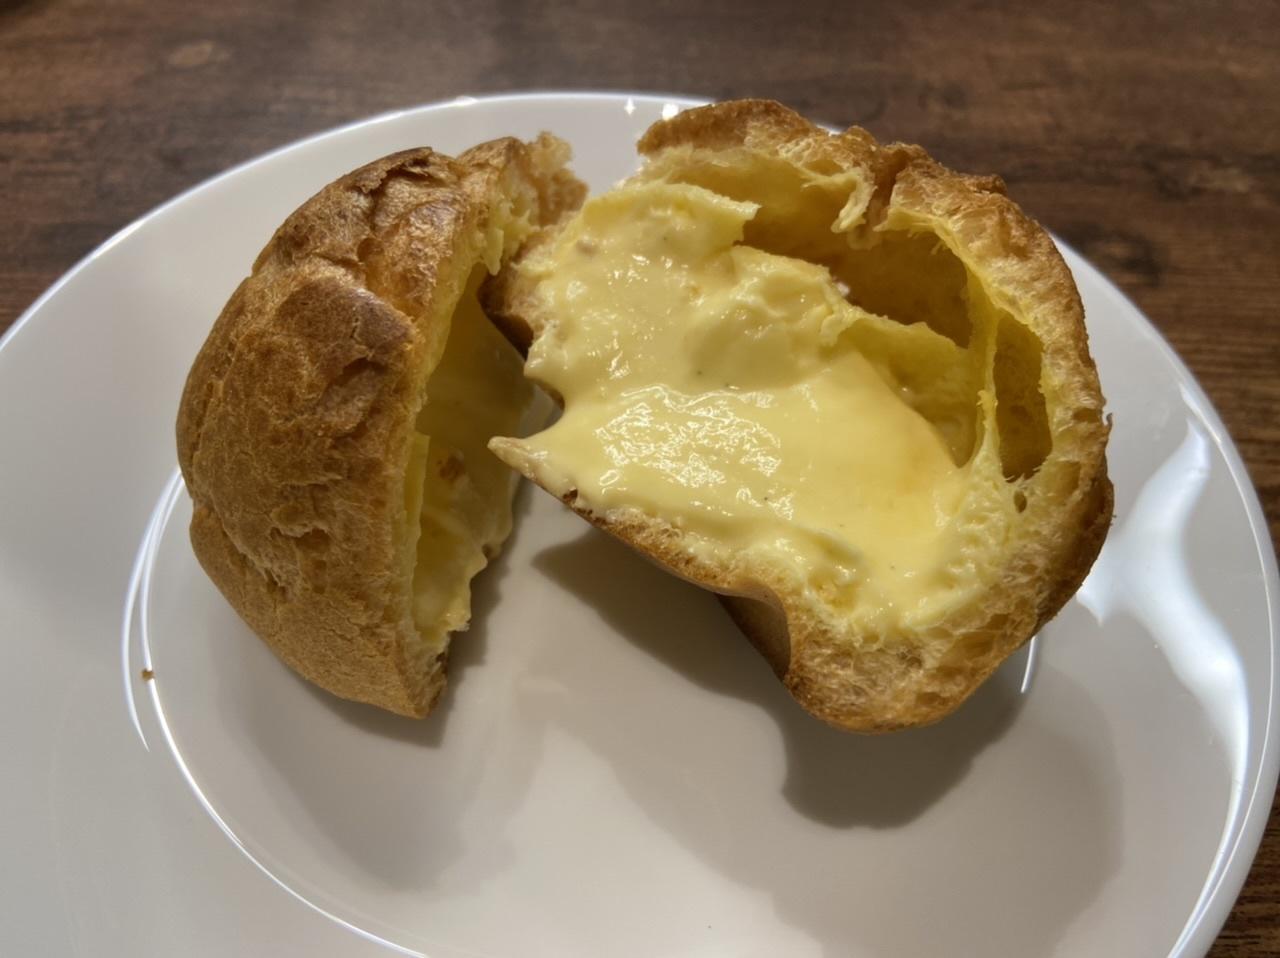 コンビニ3社 シュークリーム食べ比べ_1_5